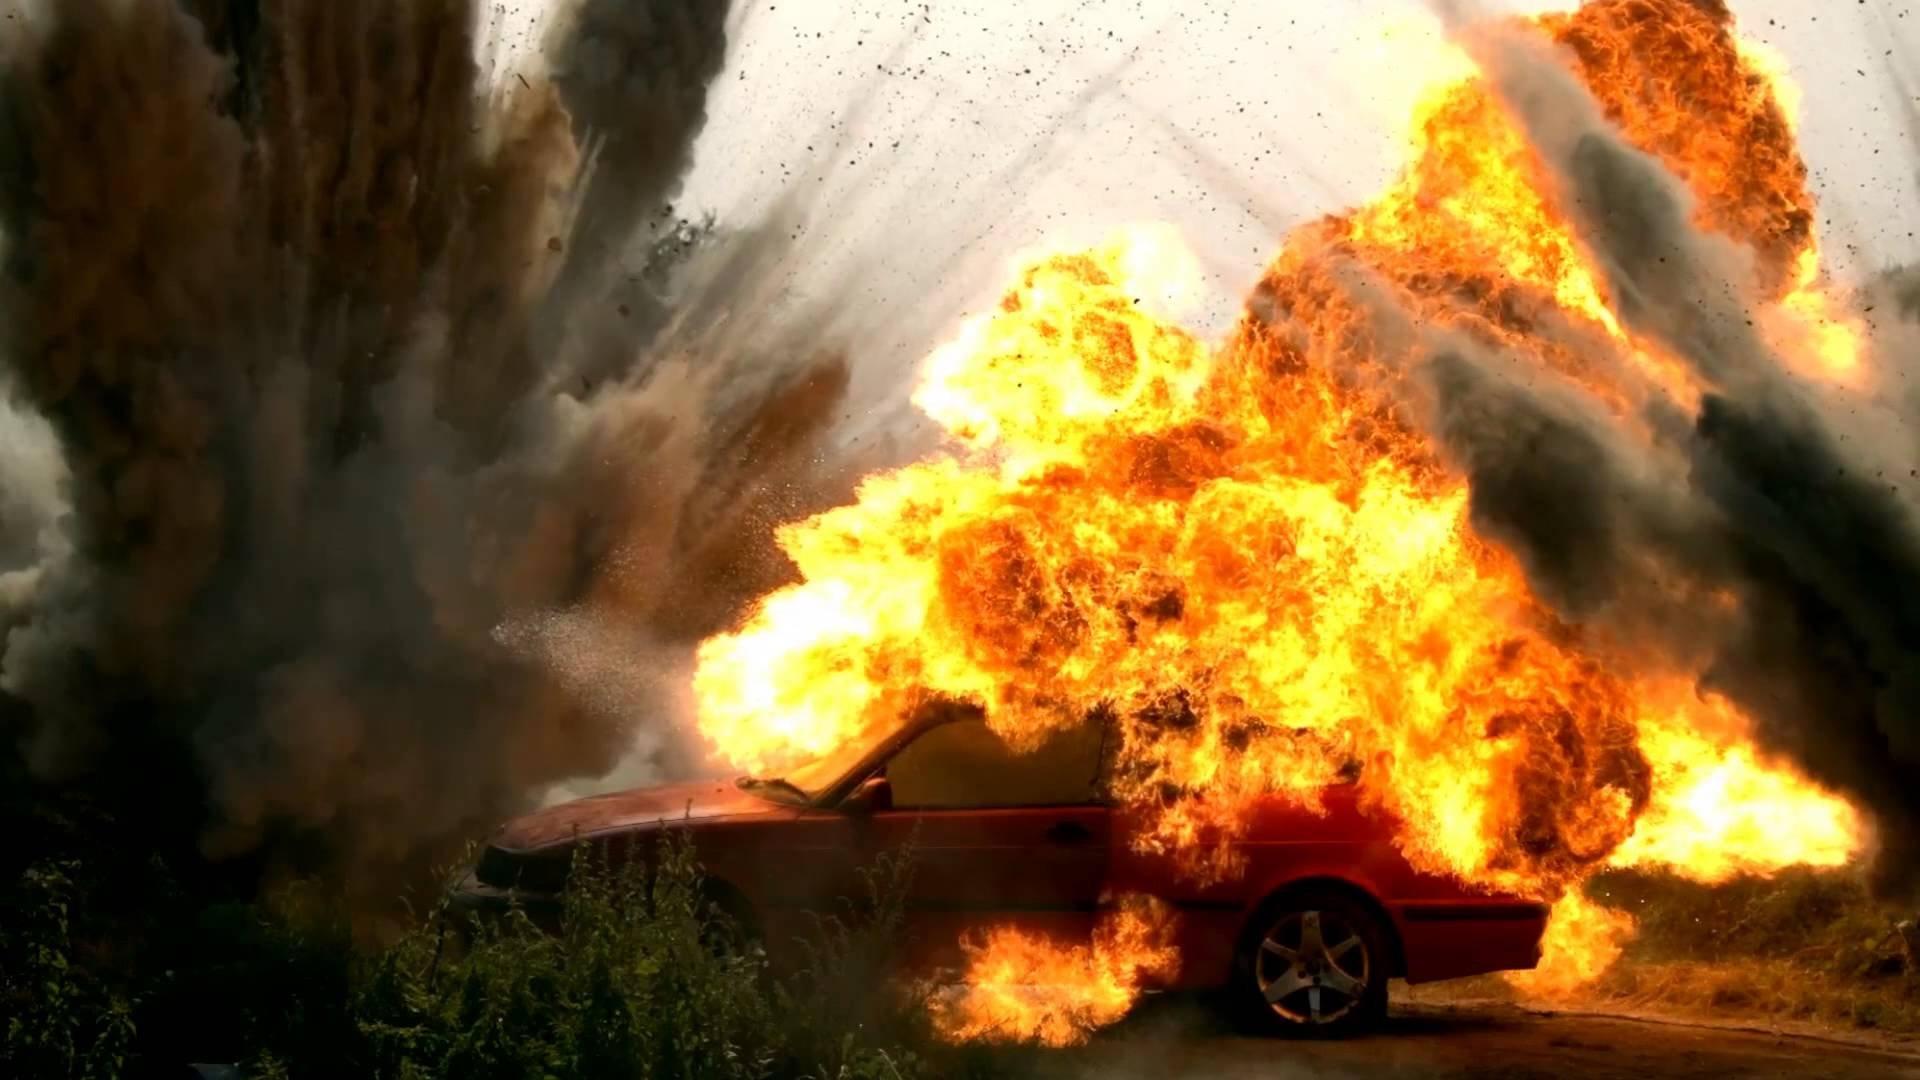 Обстрел авто из гранатомета в Днепре: в машине оказалась известная  личность, фото. Politeka